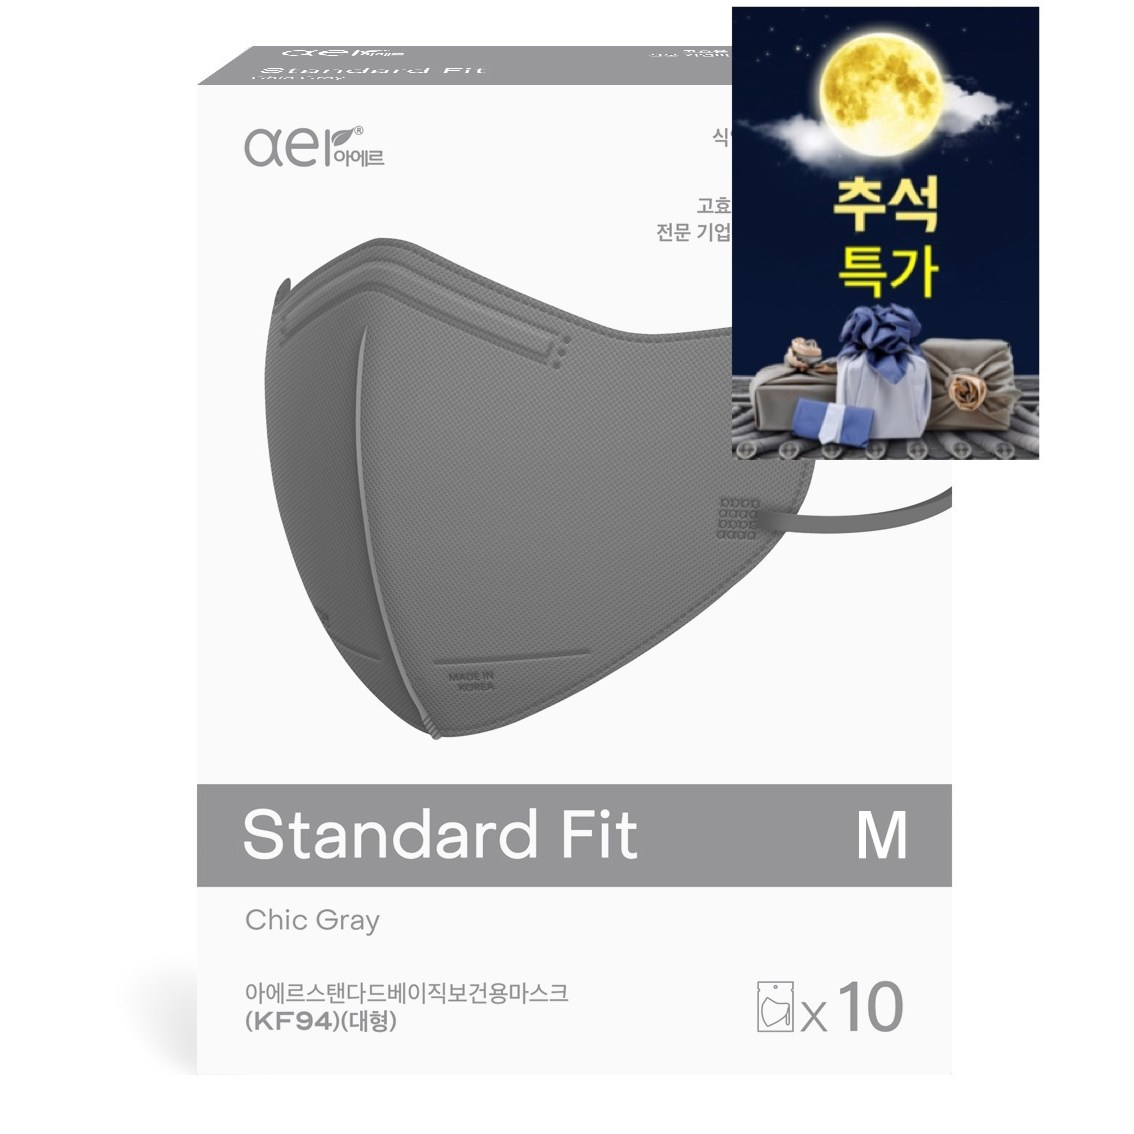 아에르 그레이 스탠다드핏 마스크 /kf94 개별포장 10매/ 마지막 물량 소량 남음, 중형10매